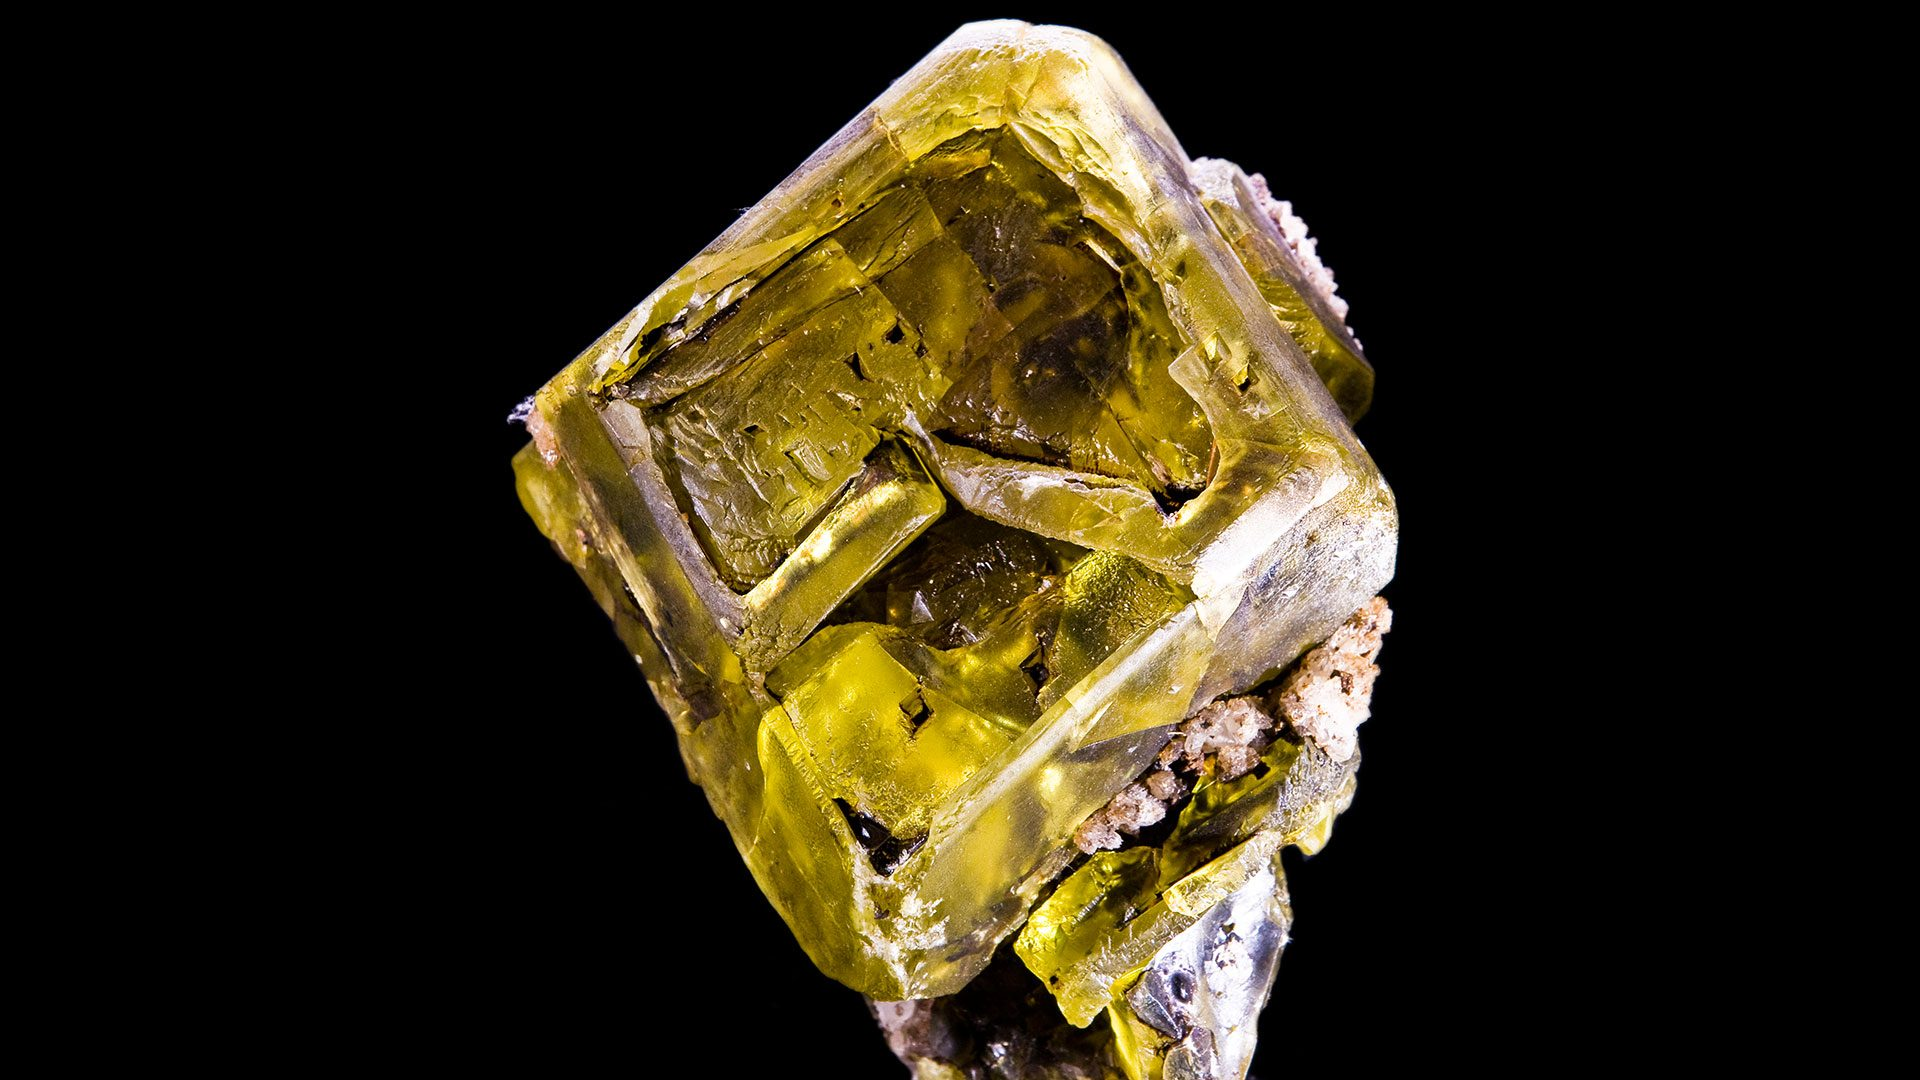 Sulfur Crystal Specimen - Photograph by Didier Descouens